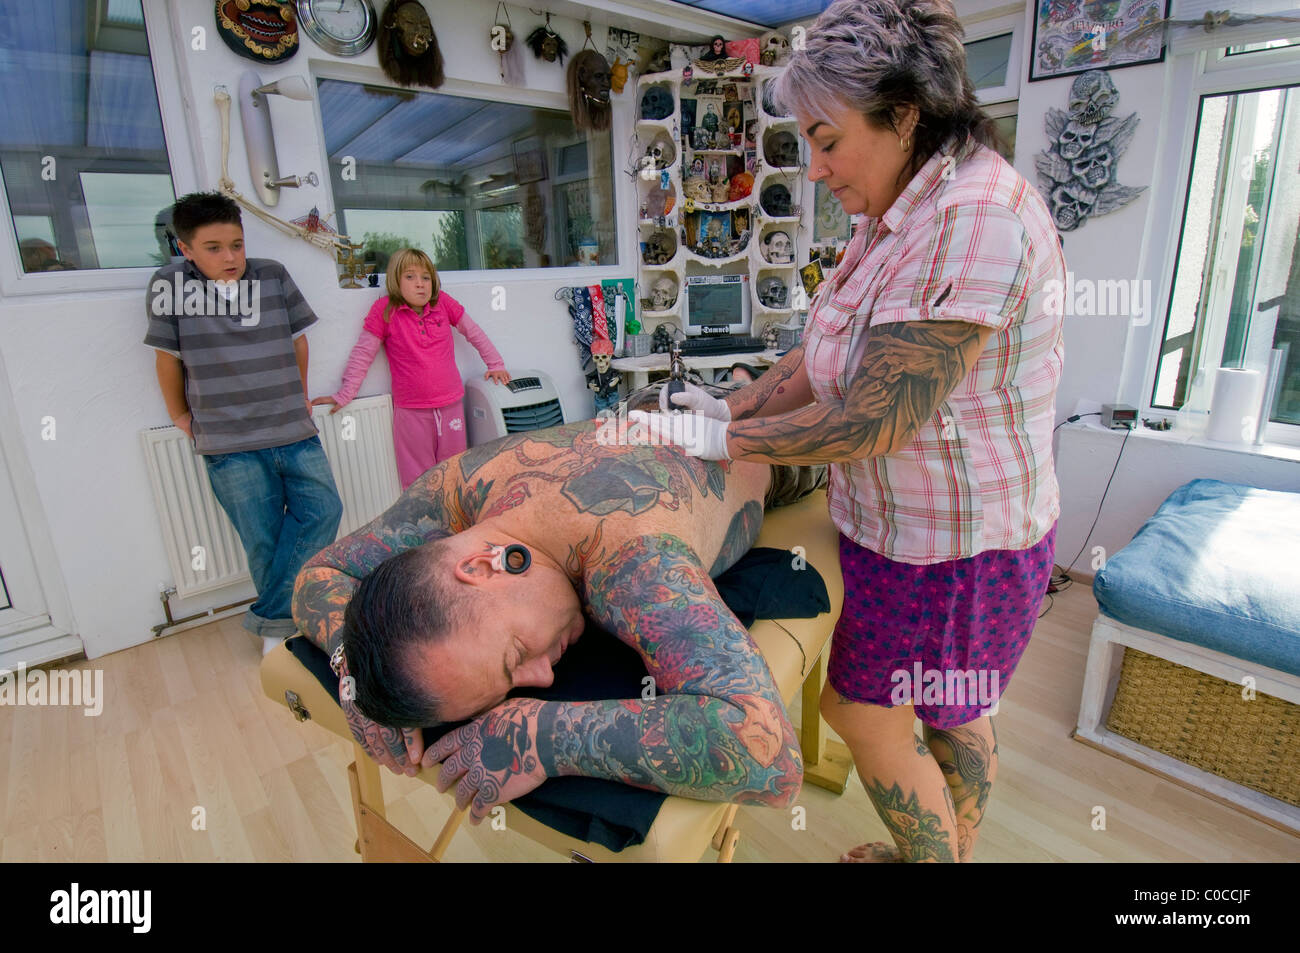 Una donna tattooist funziona su un disegno sul suo marito torna, guardati da loro due bambini annoiati. Immagini Stock